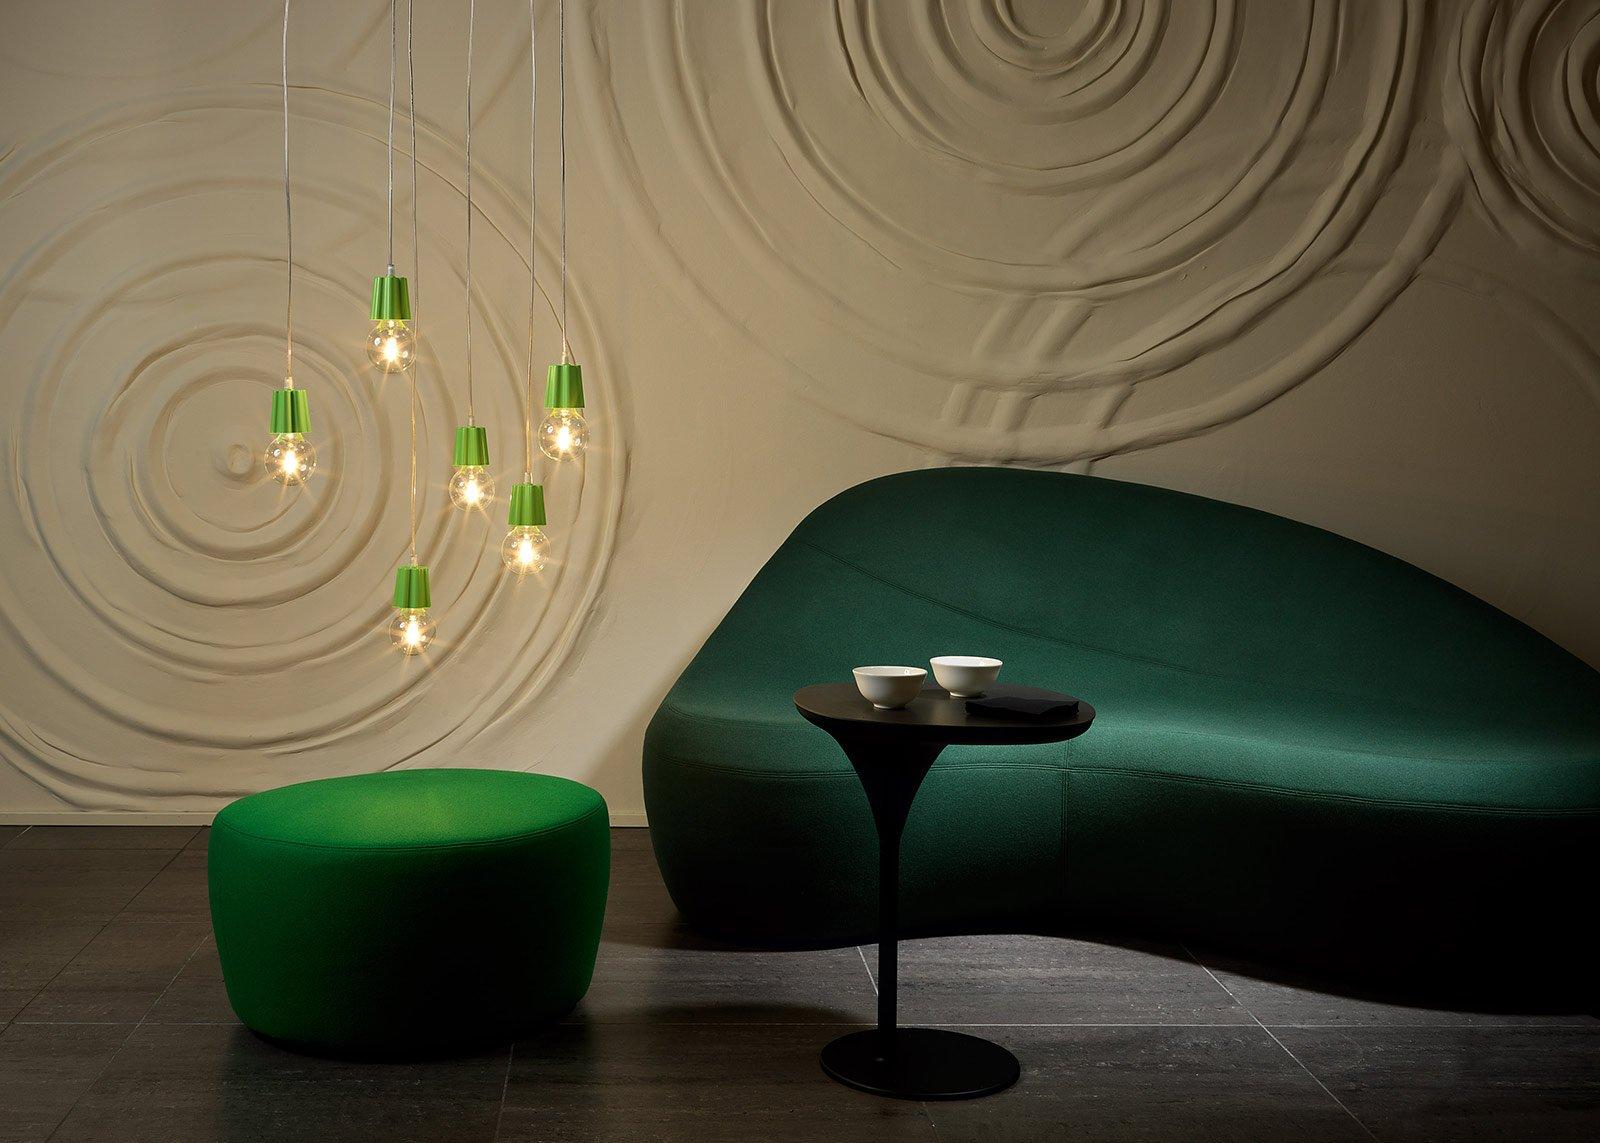 Lampade a sospensione anche low cost cose di casa - Lampadari design low cost ...